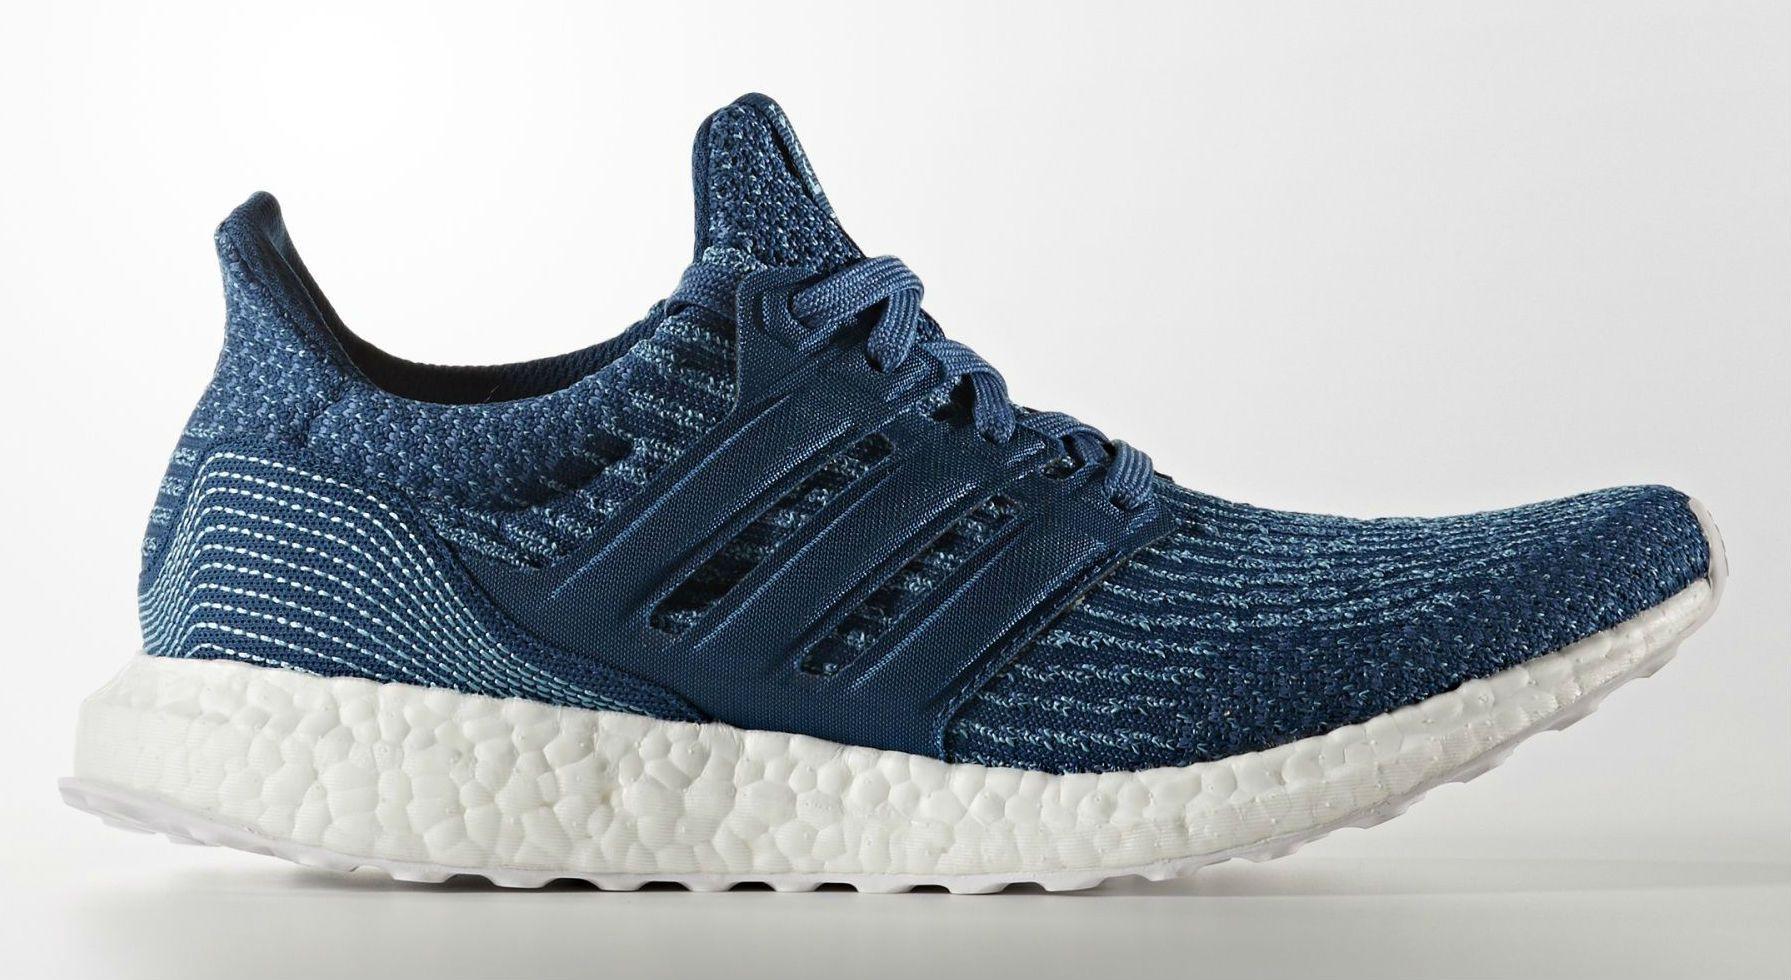 Parley x adidas Ultra Boost Blue Men's Side BB4762   Adidas